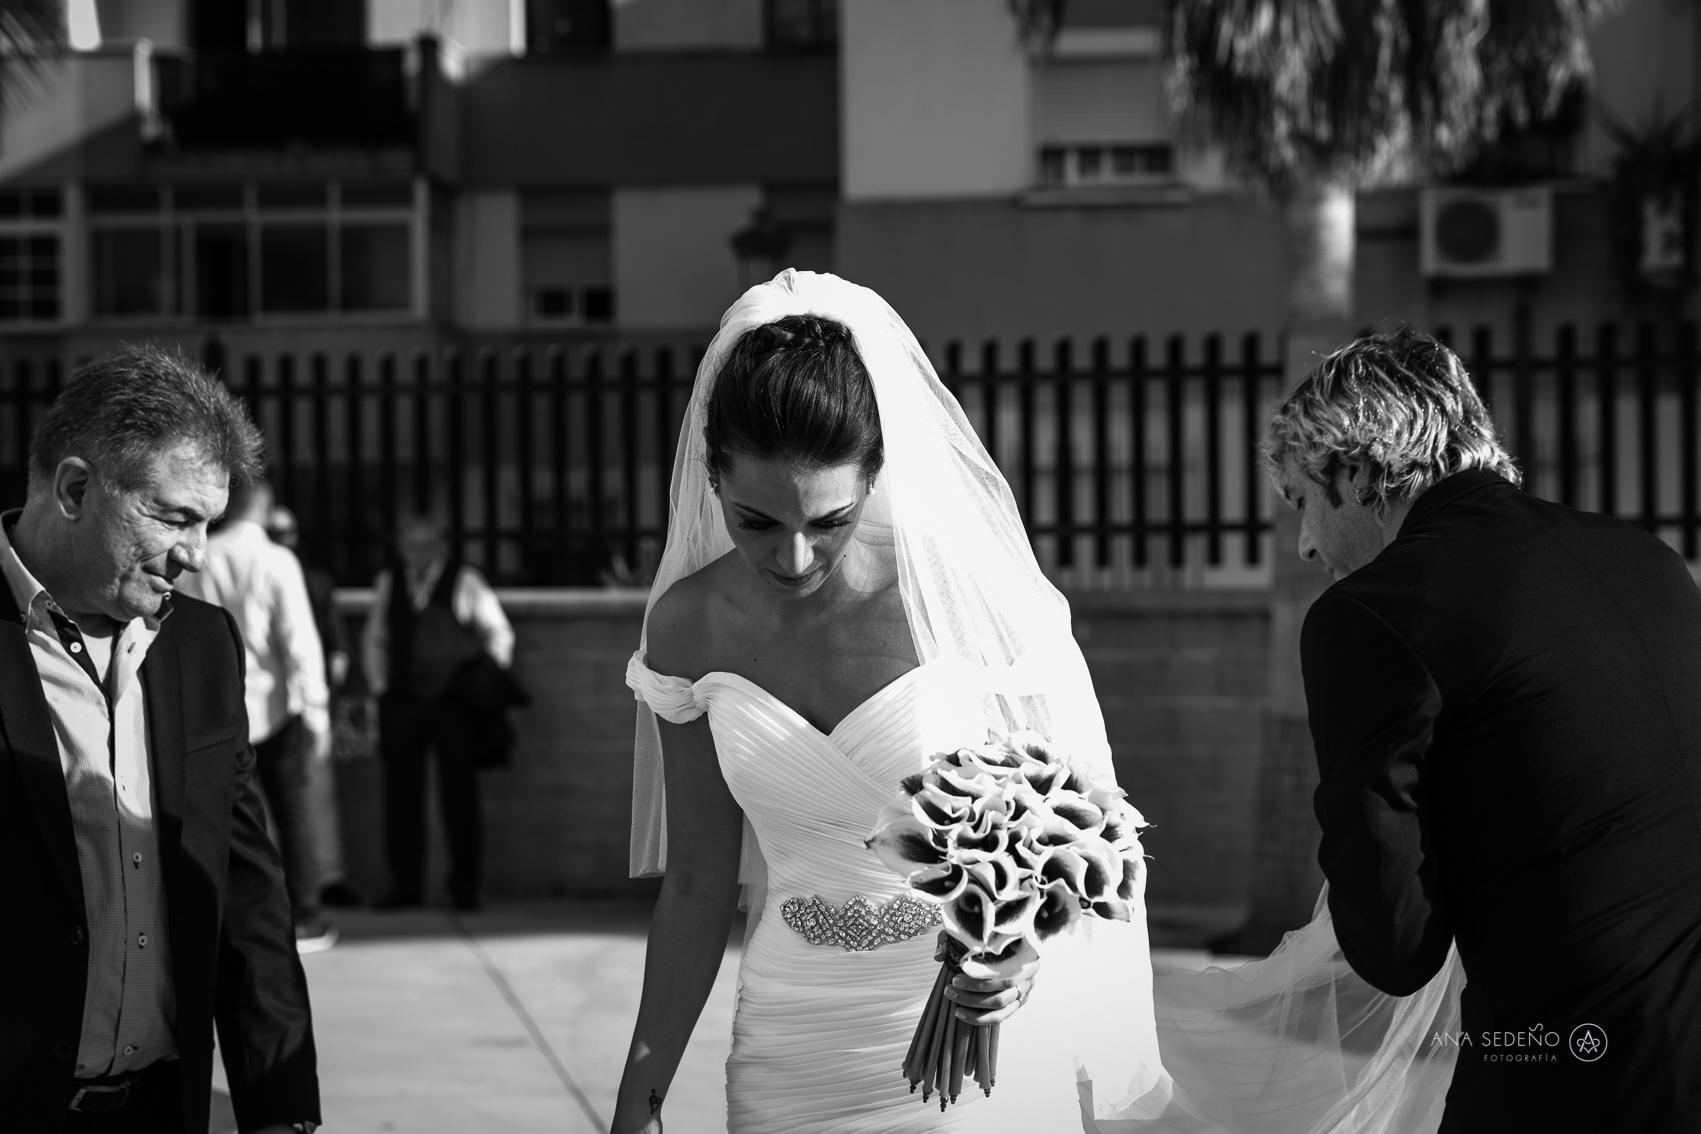 Ana Sedeño Fotografa.-065